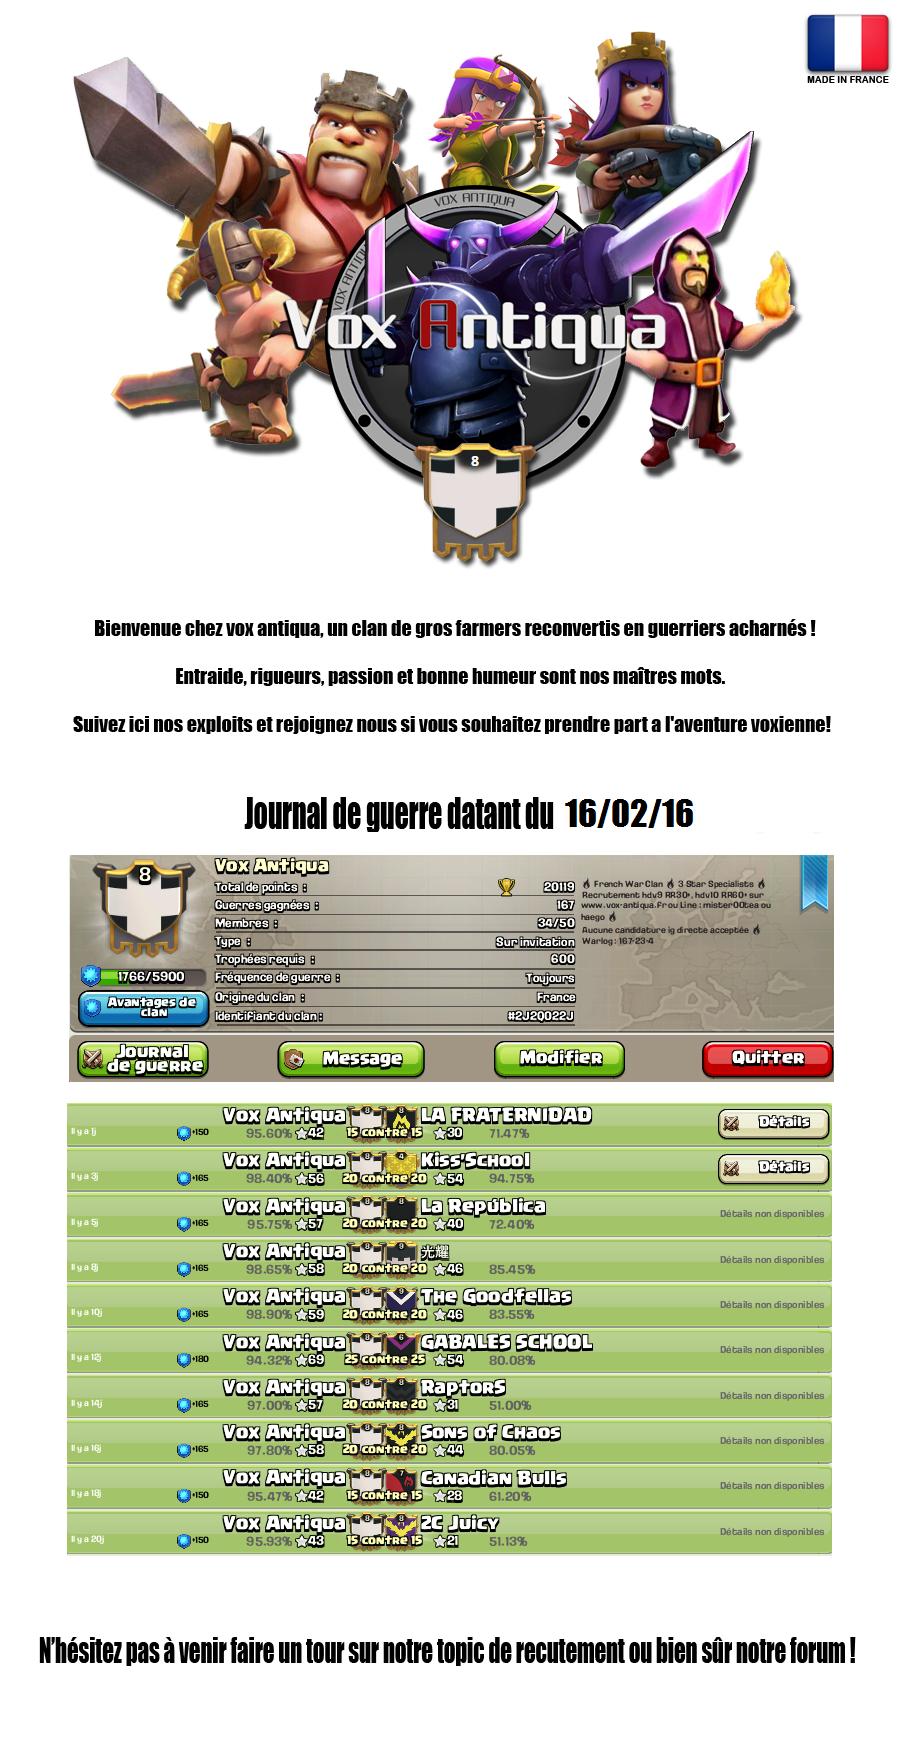 1453836594-journal-de-guerre-1.png